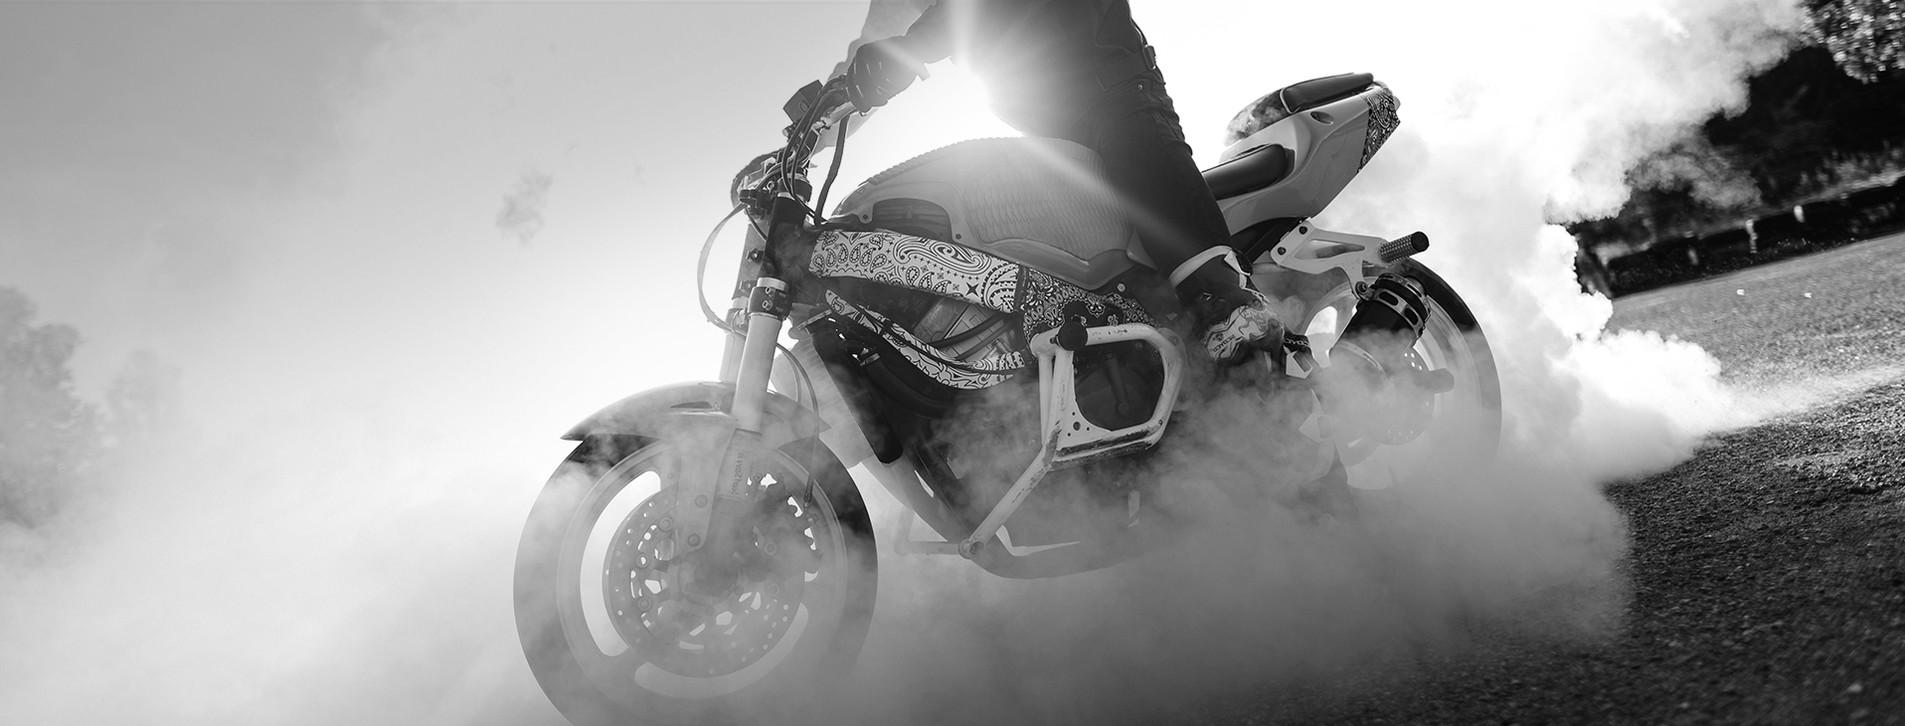 Фото - Экстремальное управление мотоциклом